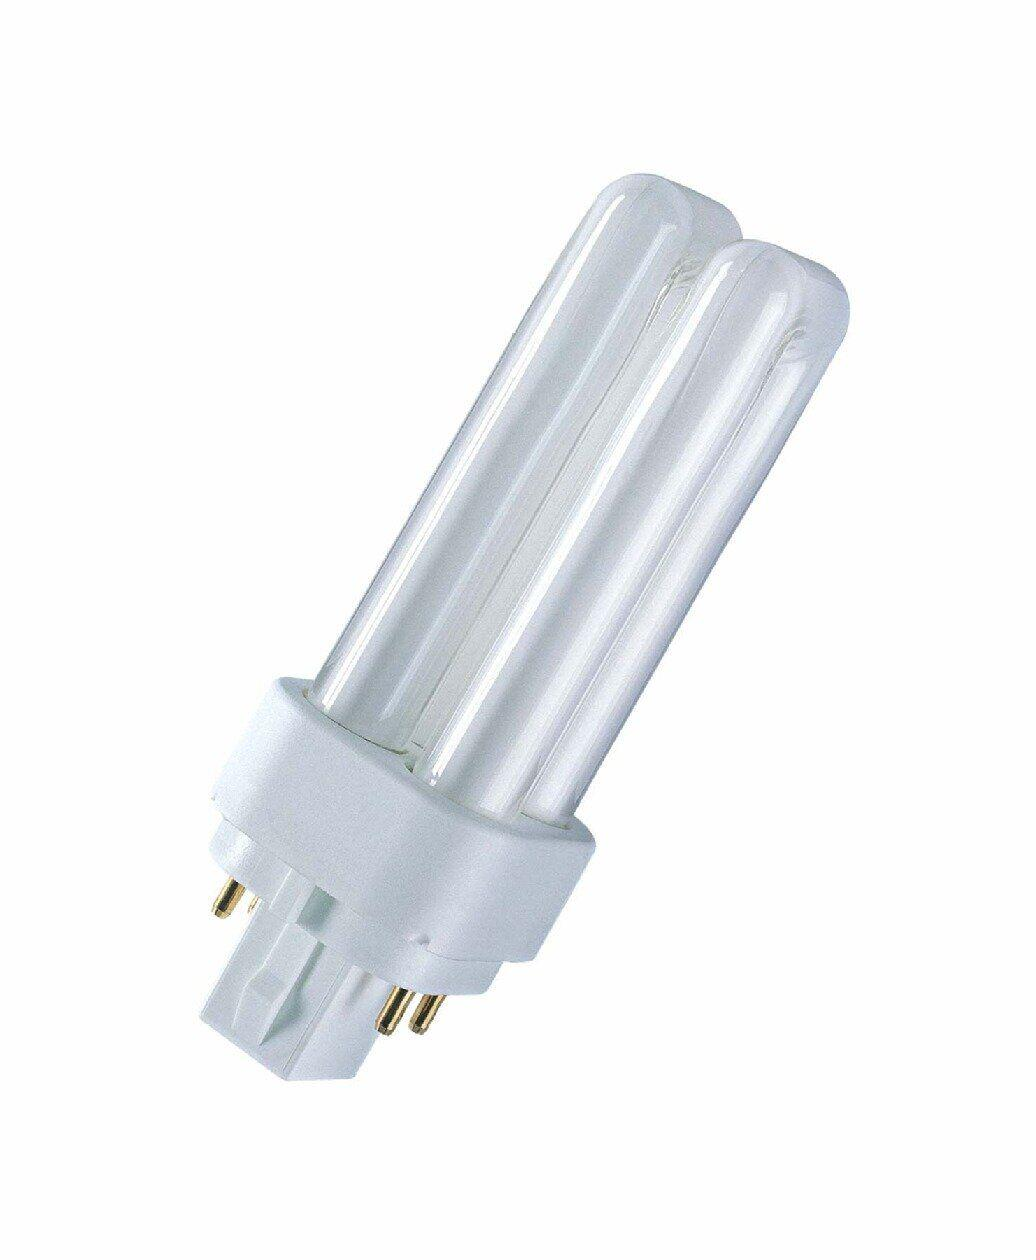 КЛЛ 26W/840 G24q-3 люминесцентная компактная лампа для ЭПРА DULUX D/E , ОСРАМ [4050300020303]